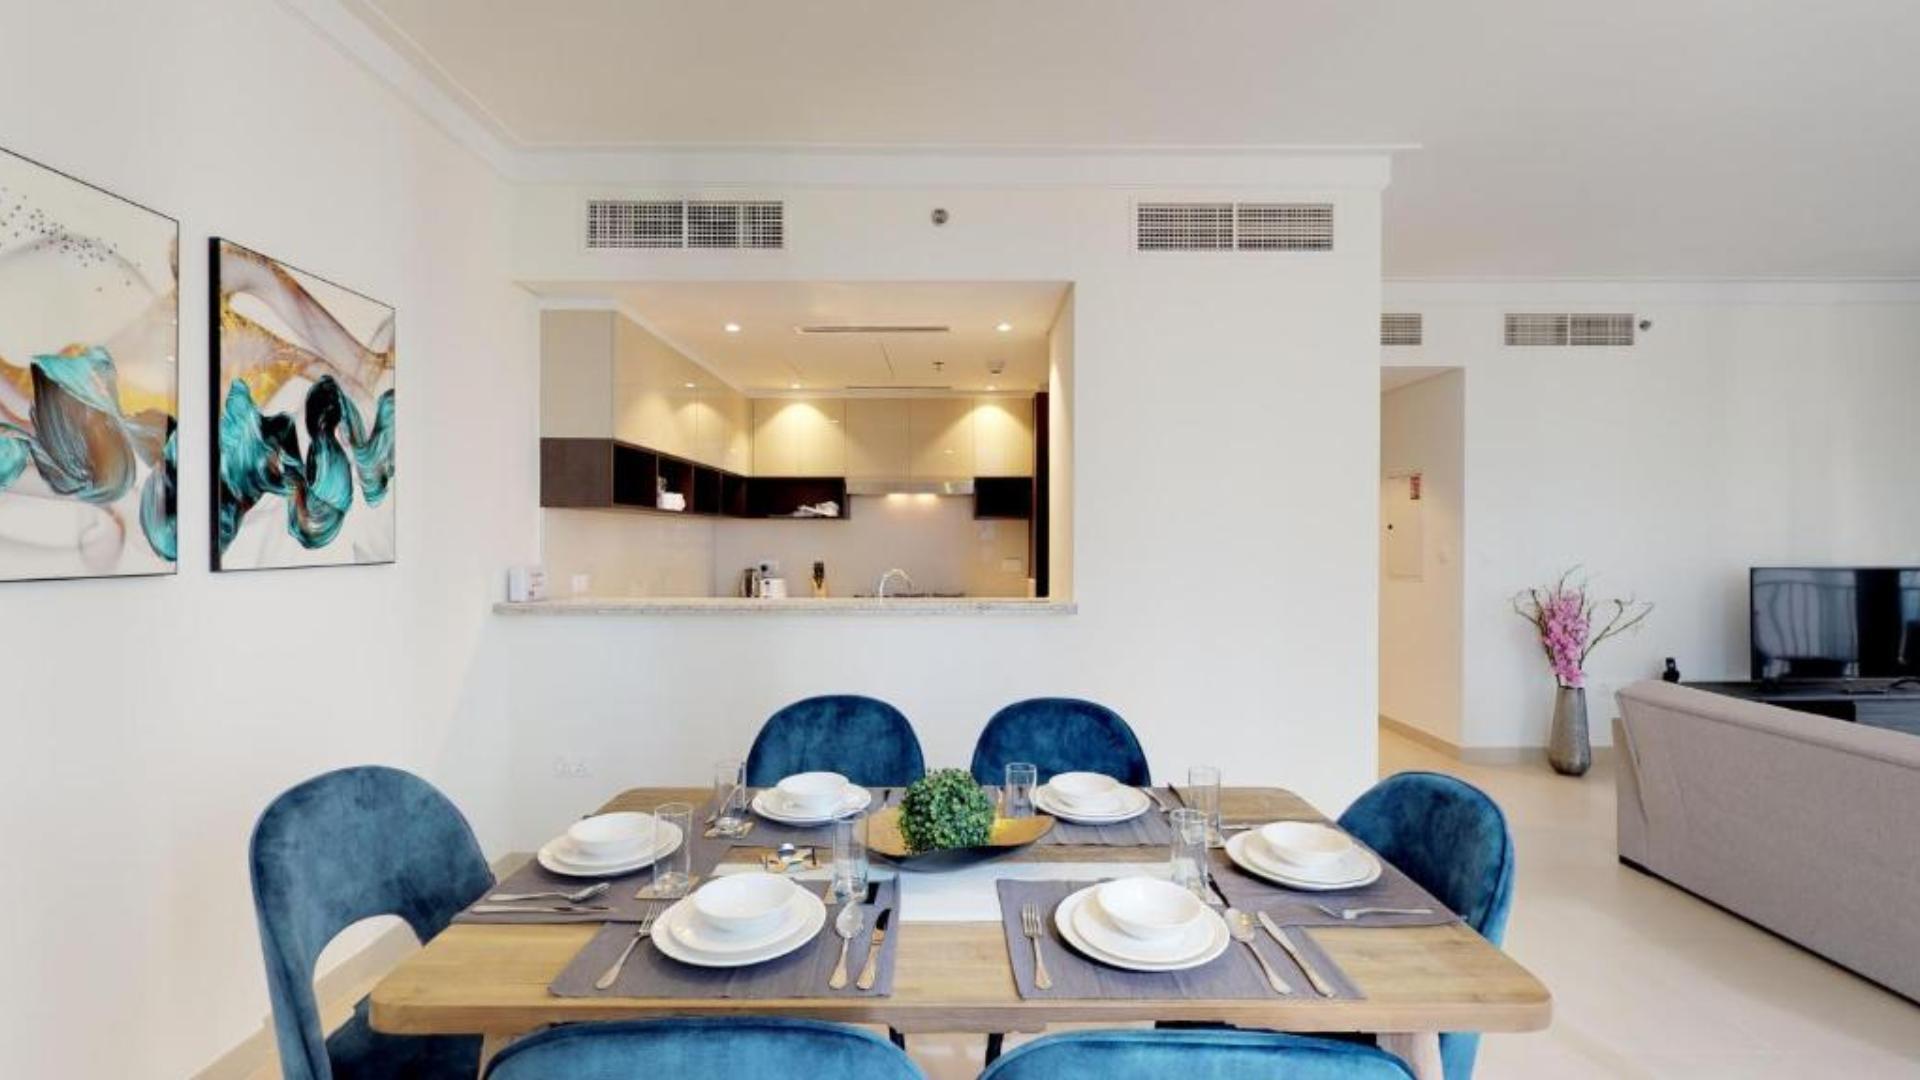 Duplex for sale in Dubai, UAE, 4 bedrooms, 210 m2, No. 24300 – photo 1